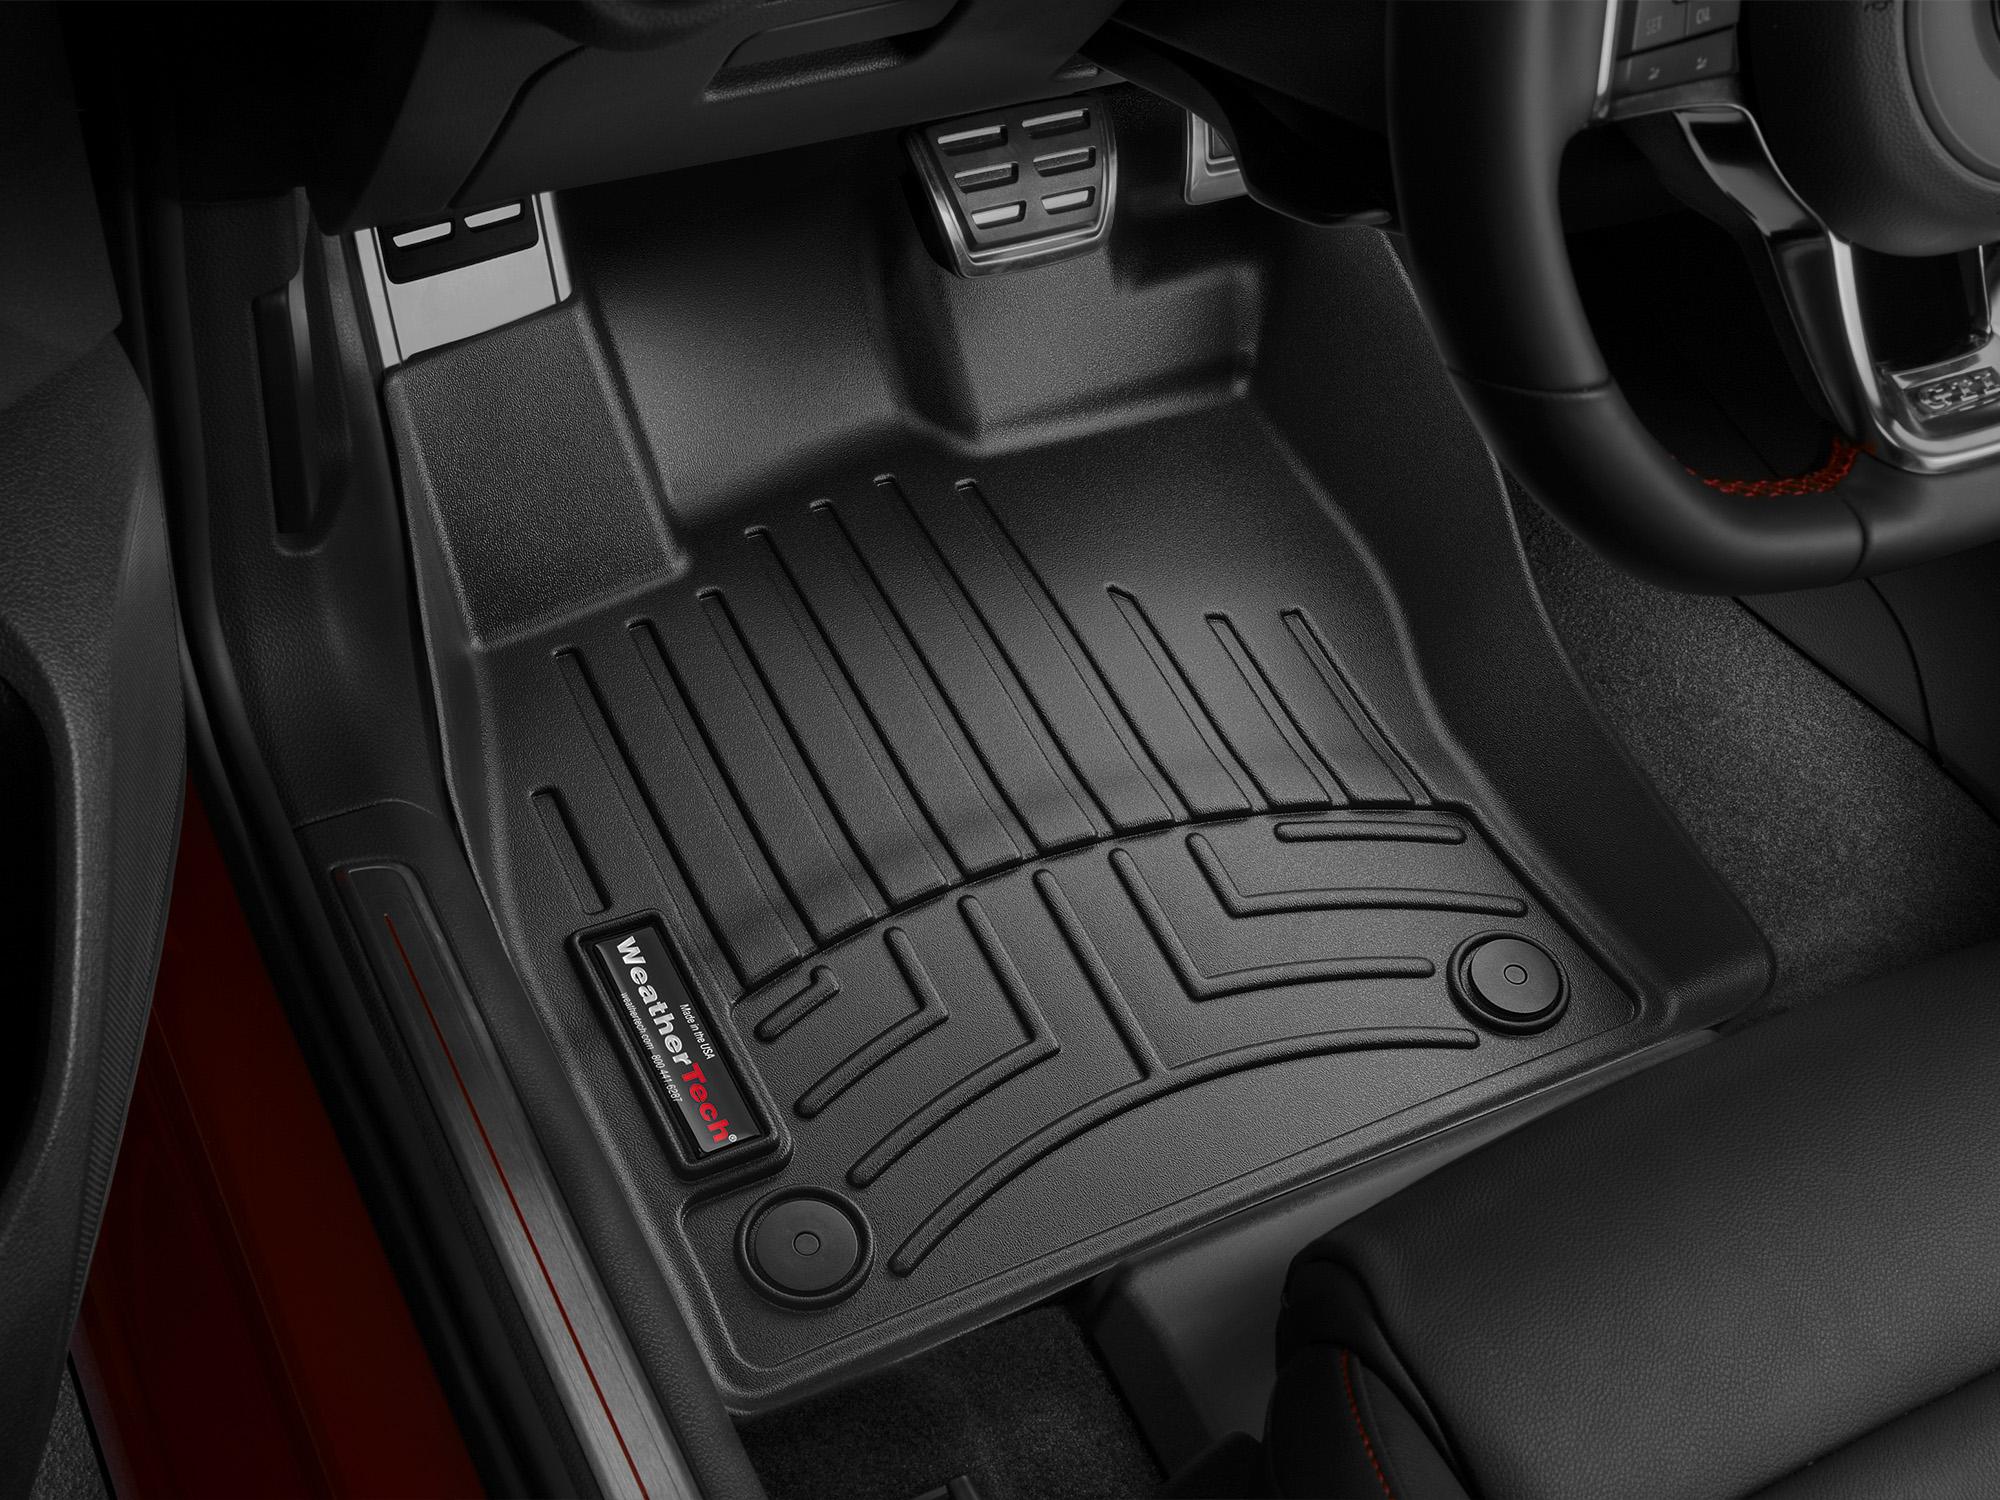 Tappeti gomma su misura bordo alto Volkswagen Golf 4Motion 13>17 Nero A4068*